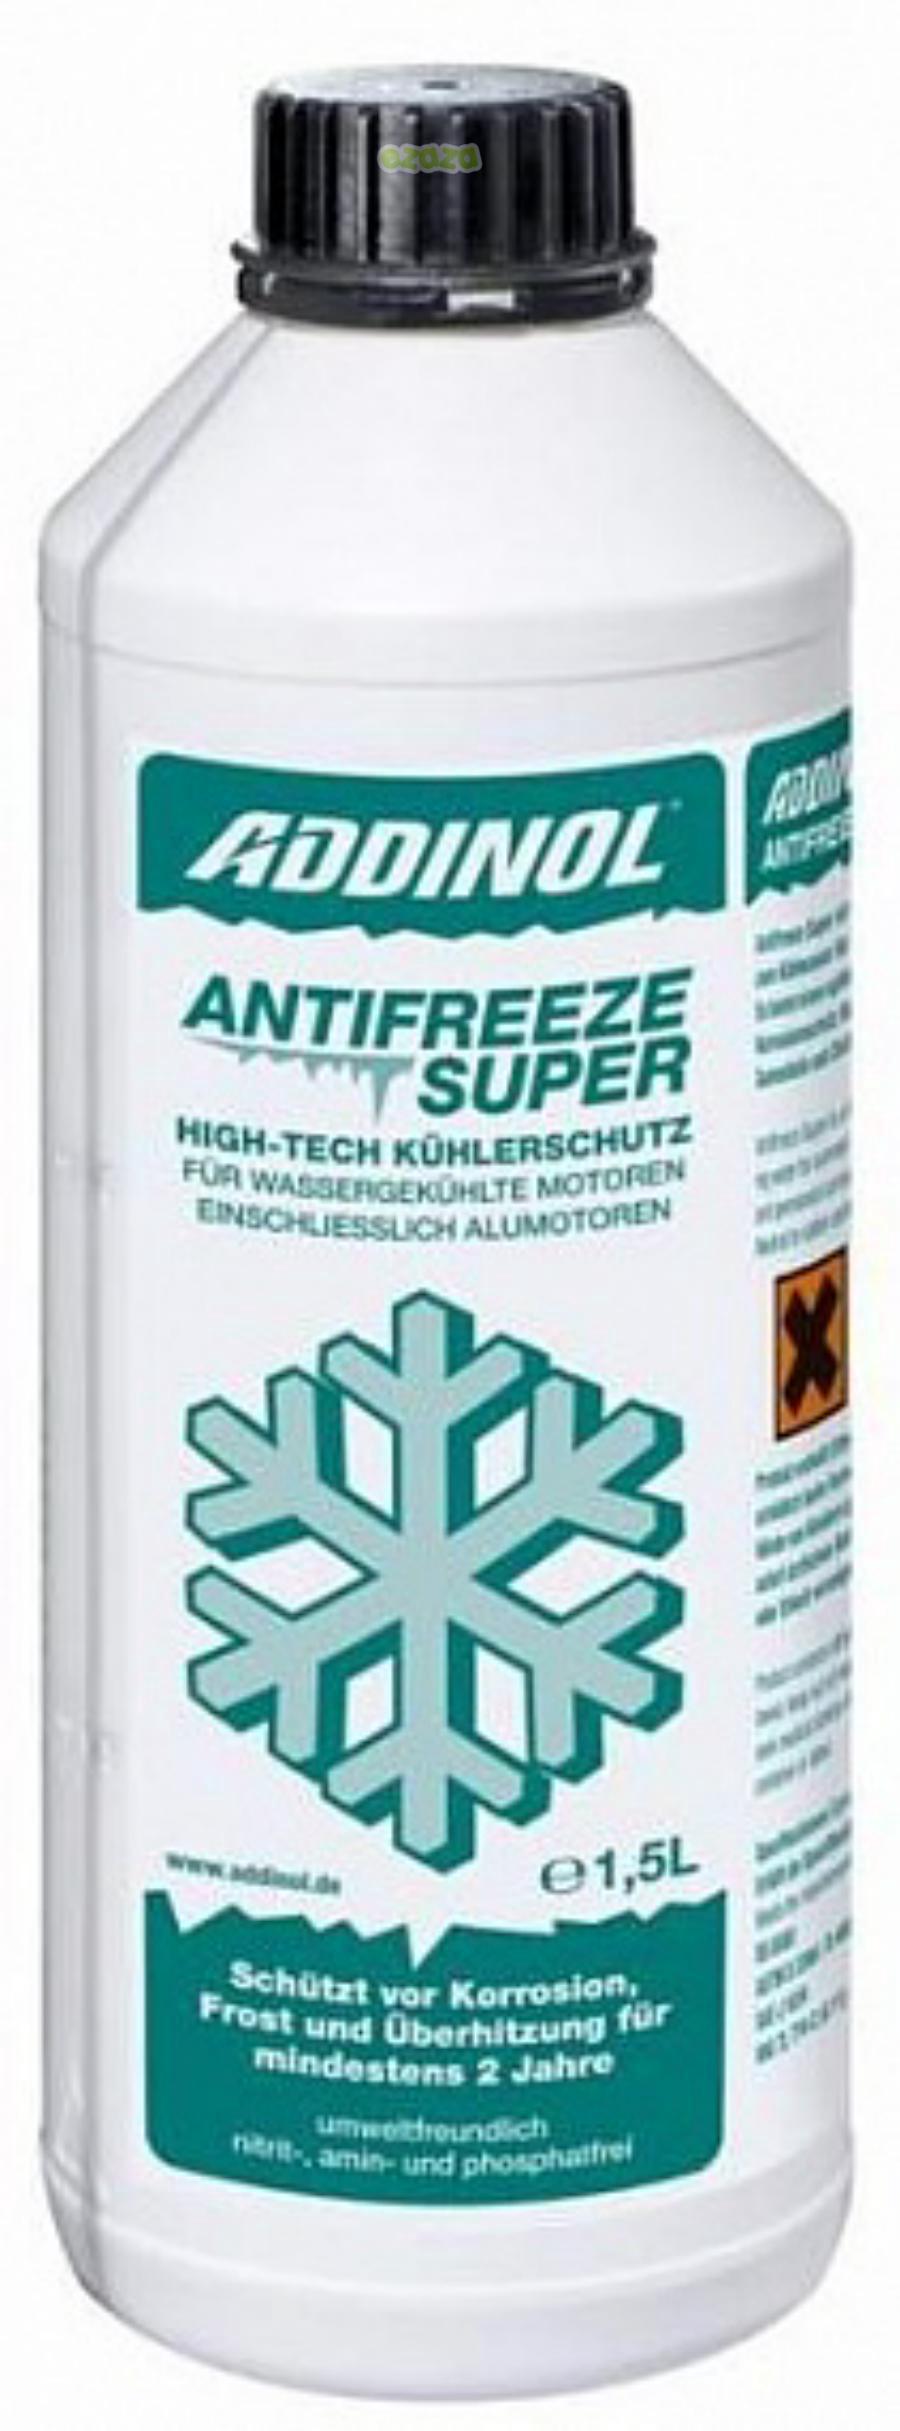 Антифриз-концентрат Antifreeze Super, 1,5л